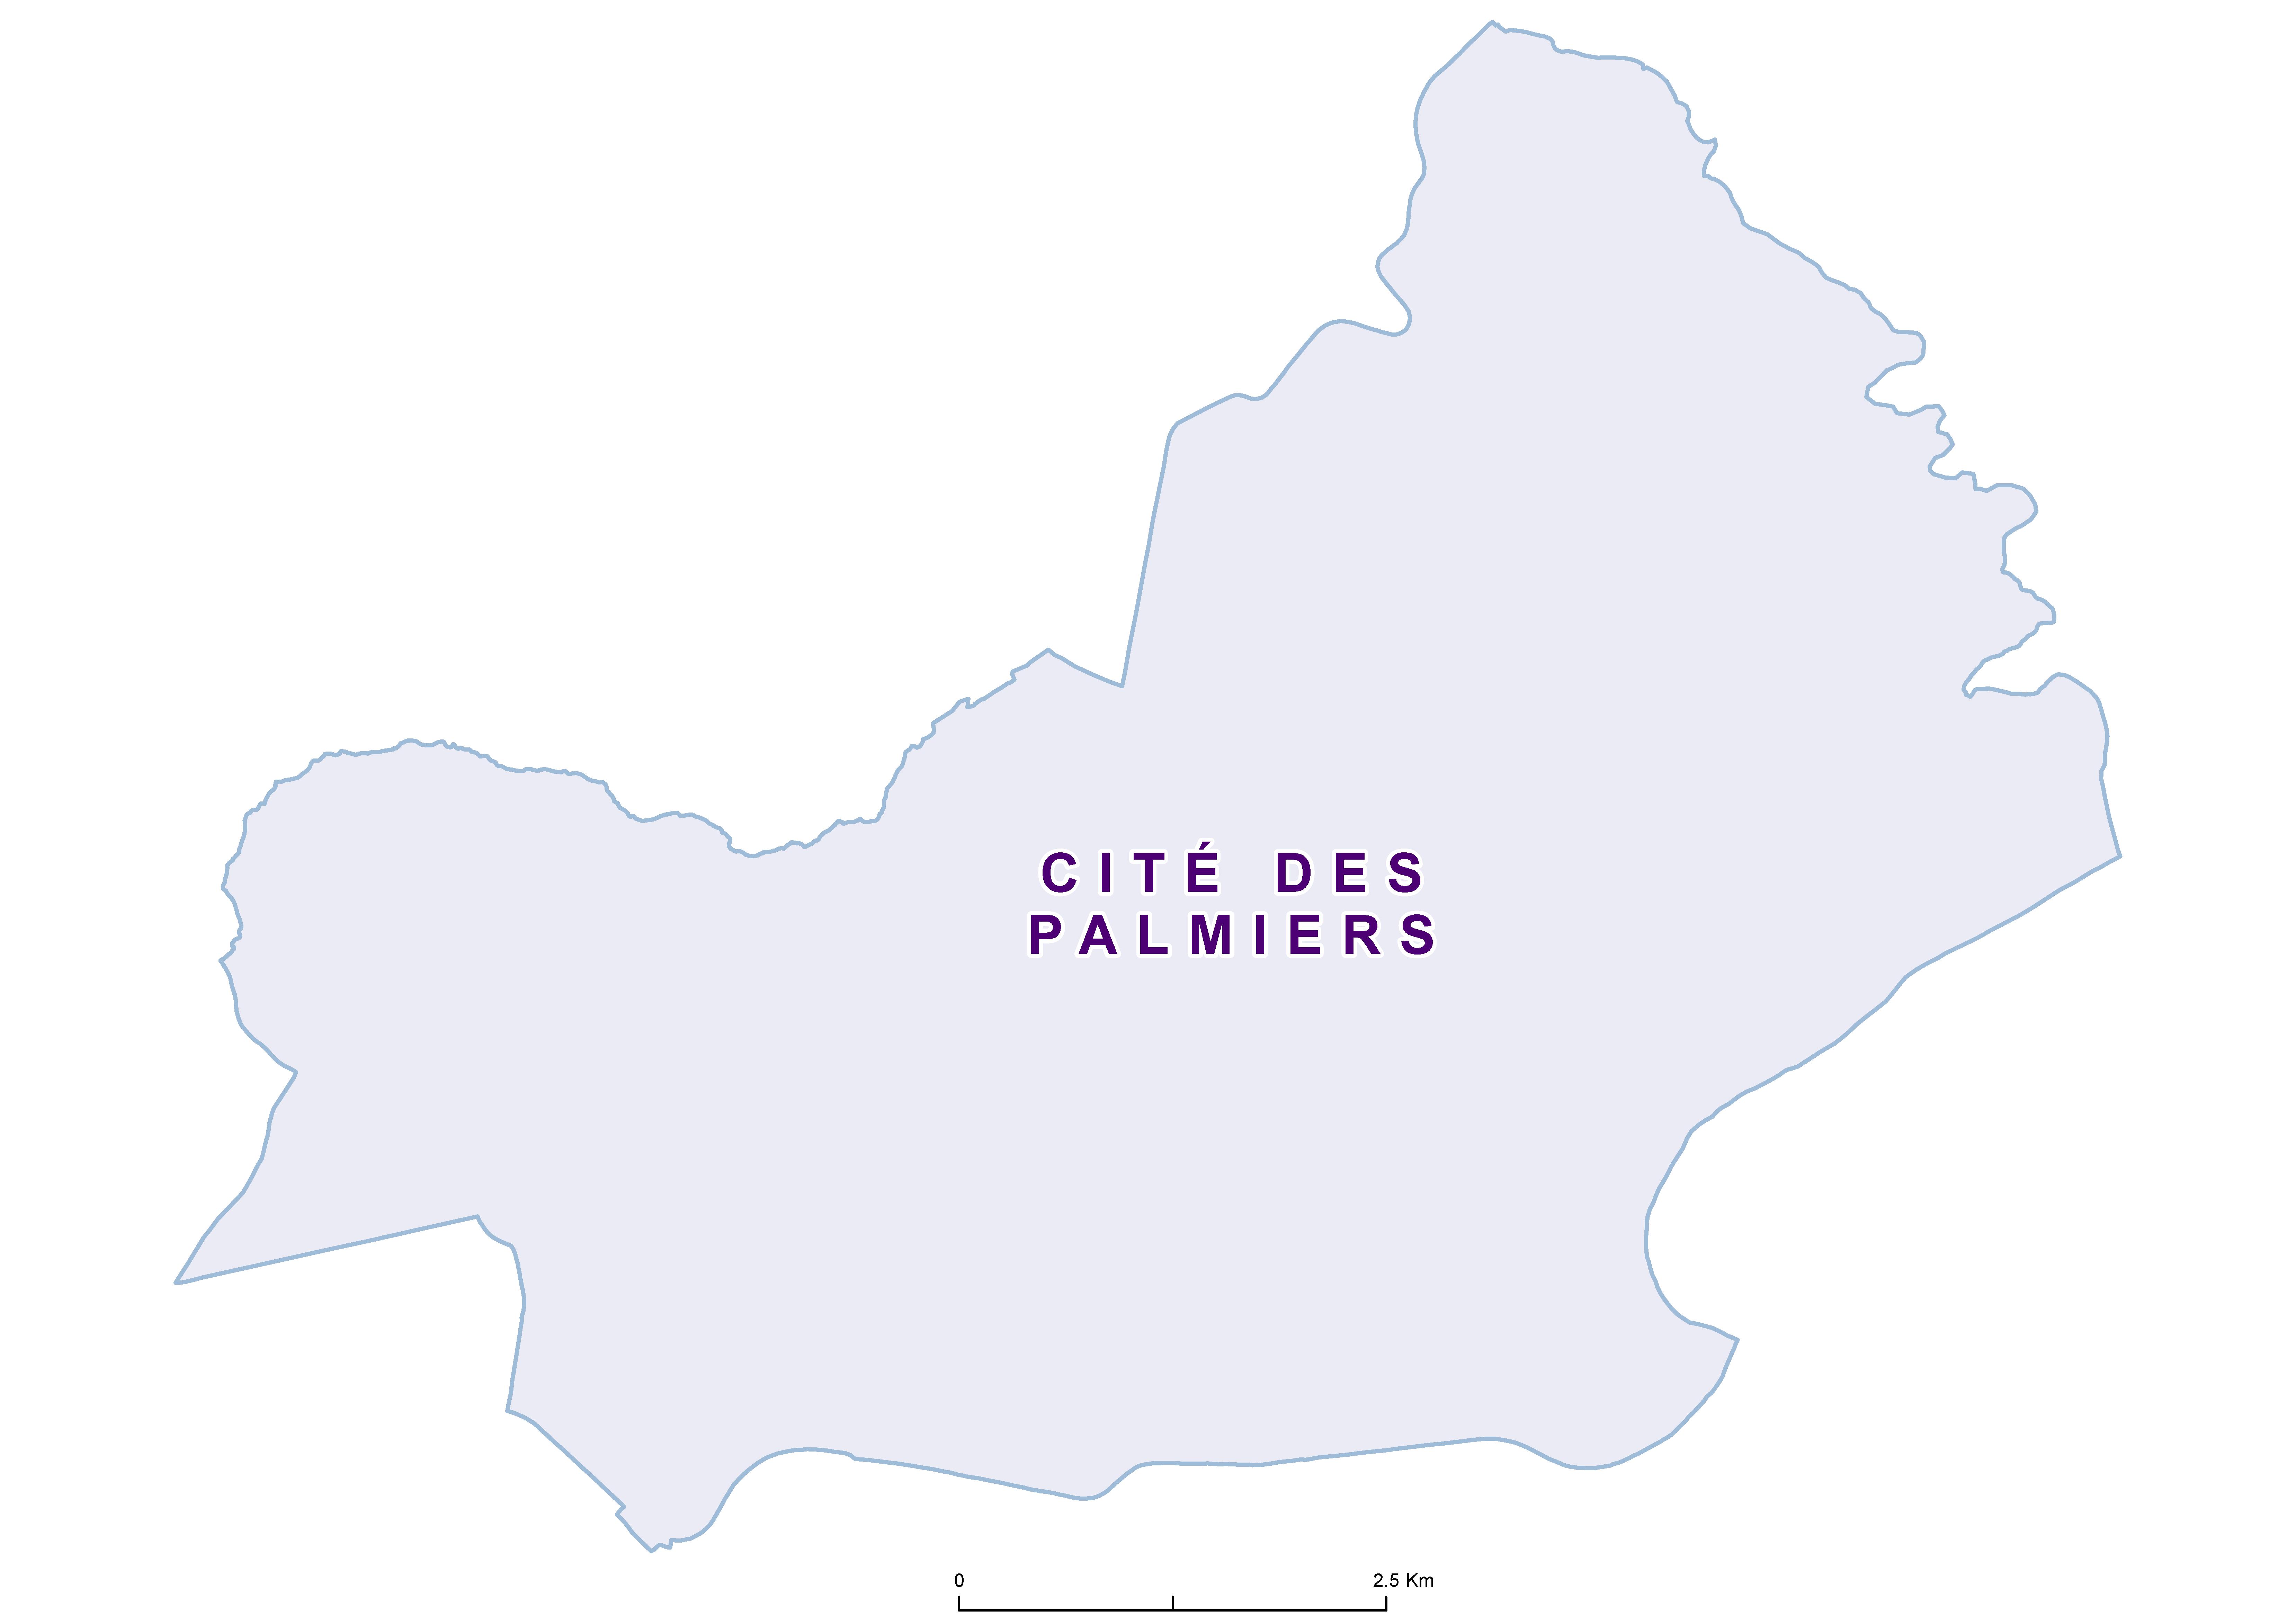 Cité des palmiers Mean STH 20180001